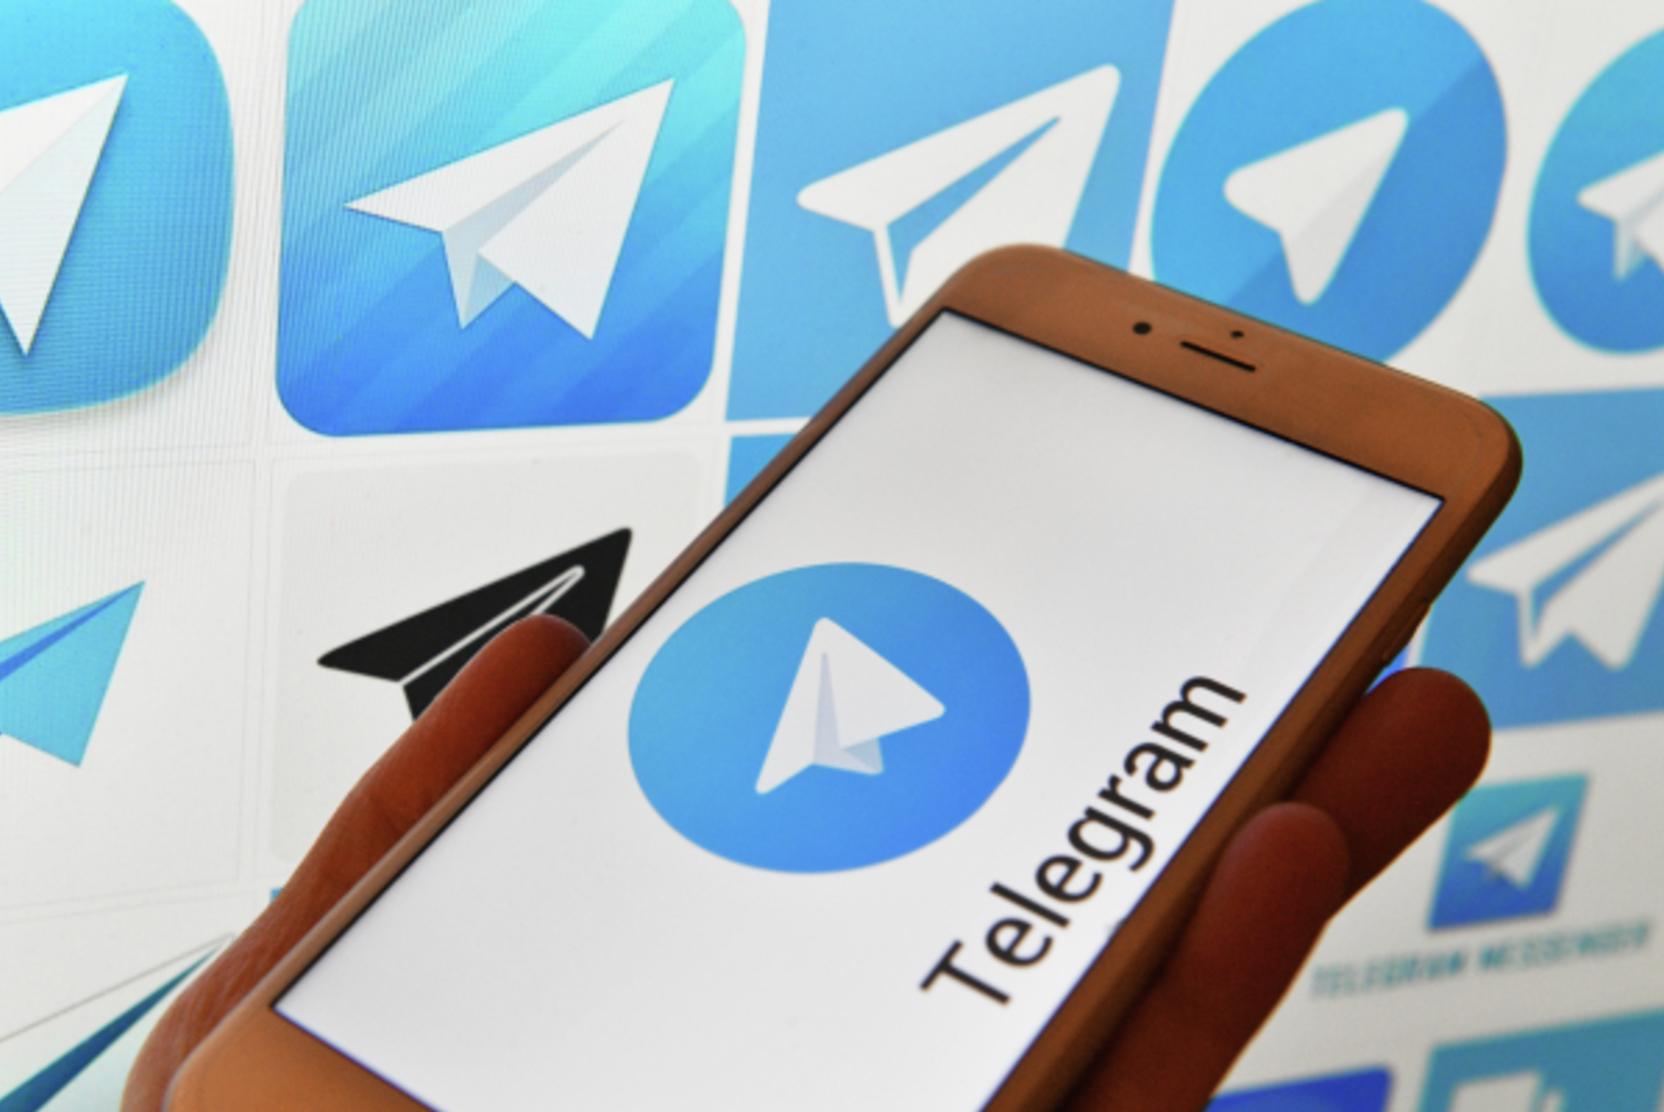 Новости за ночь: Депутаты Госдумы призвали прекратить блокировку Telegram